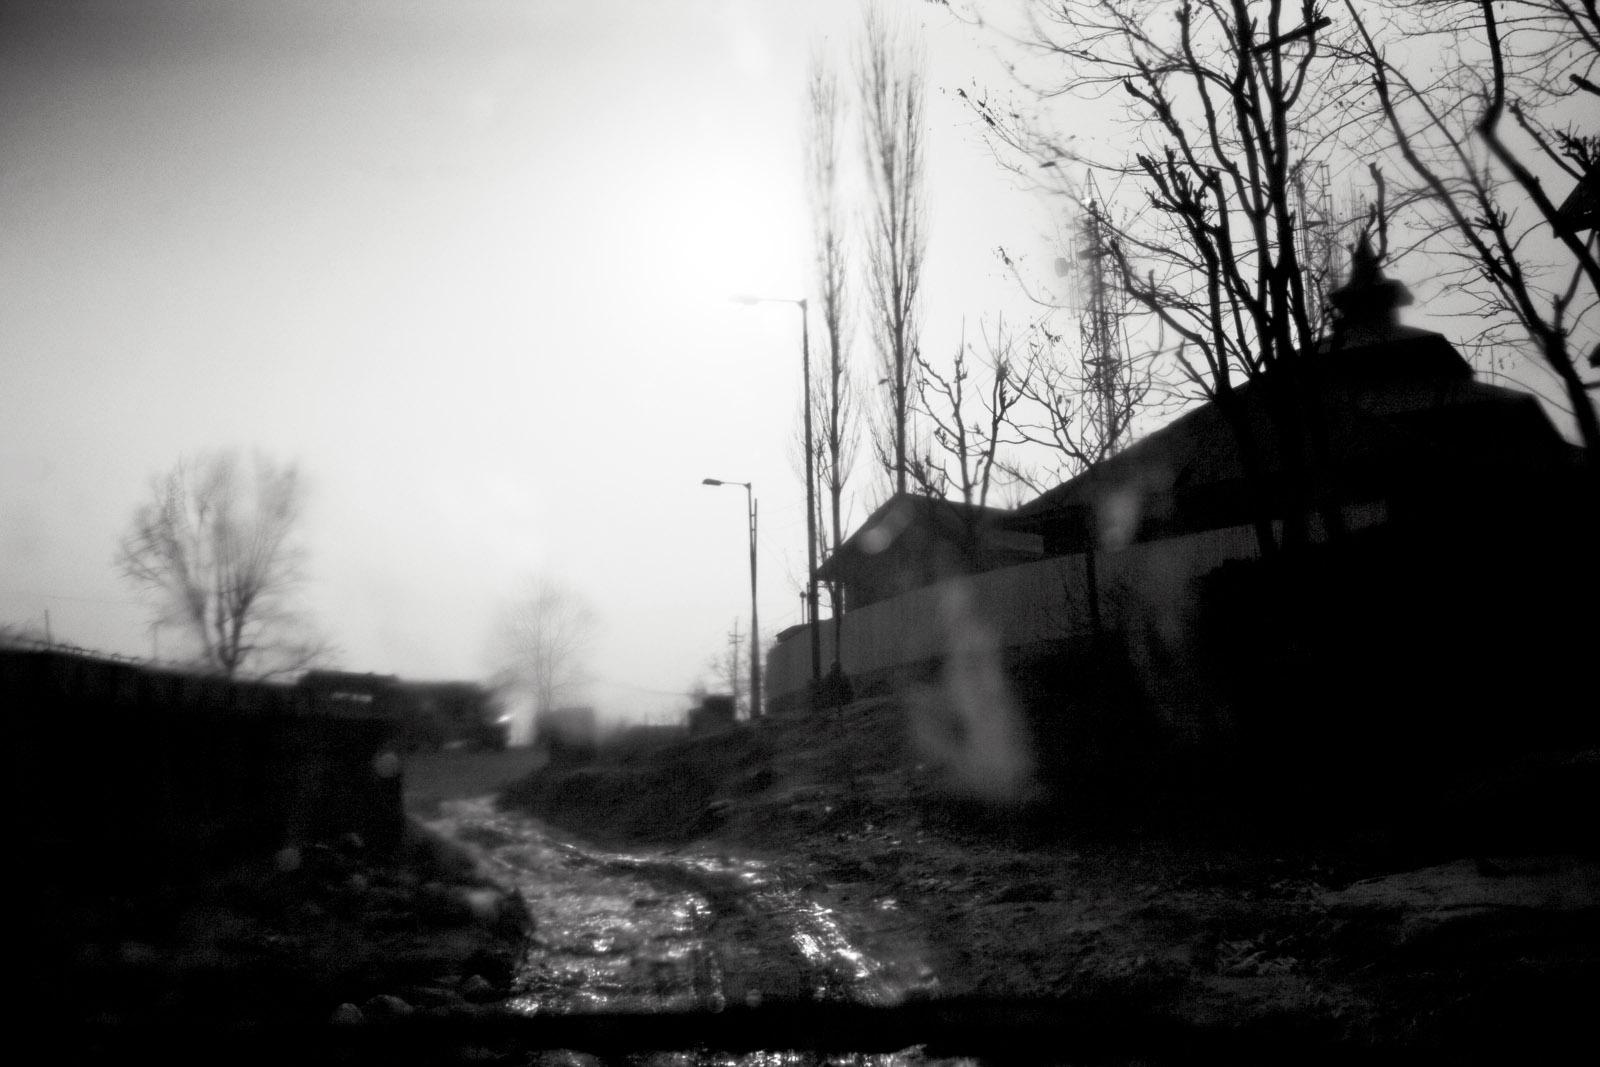 Road village in Kashmir